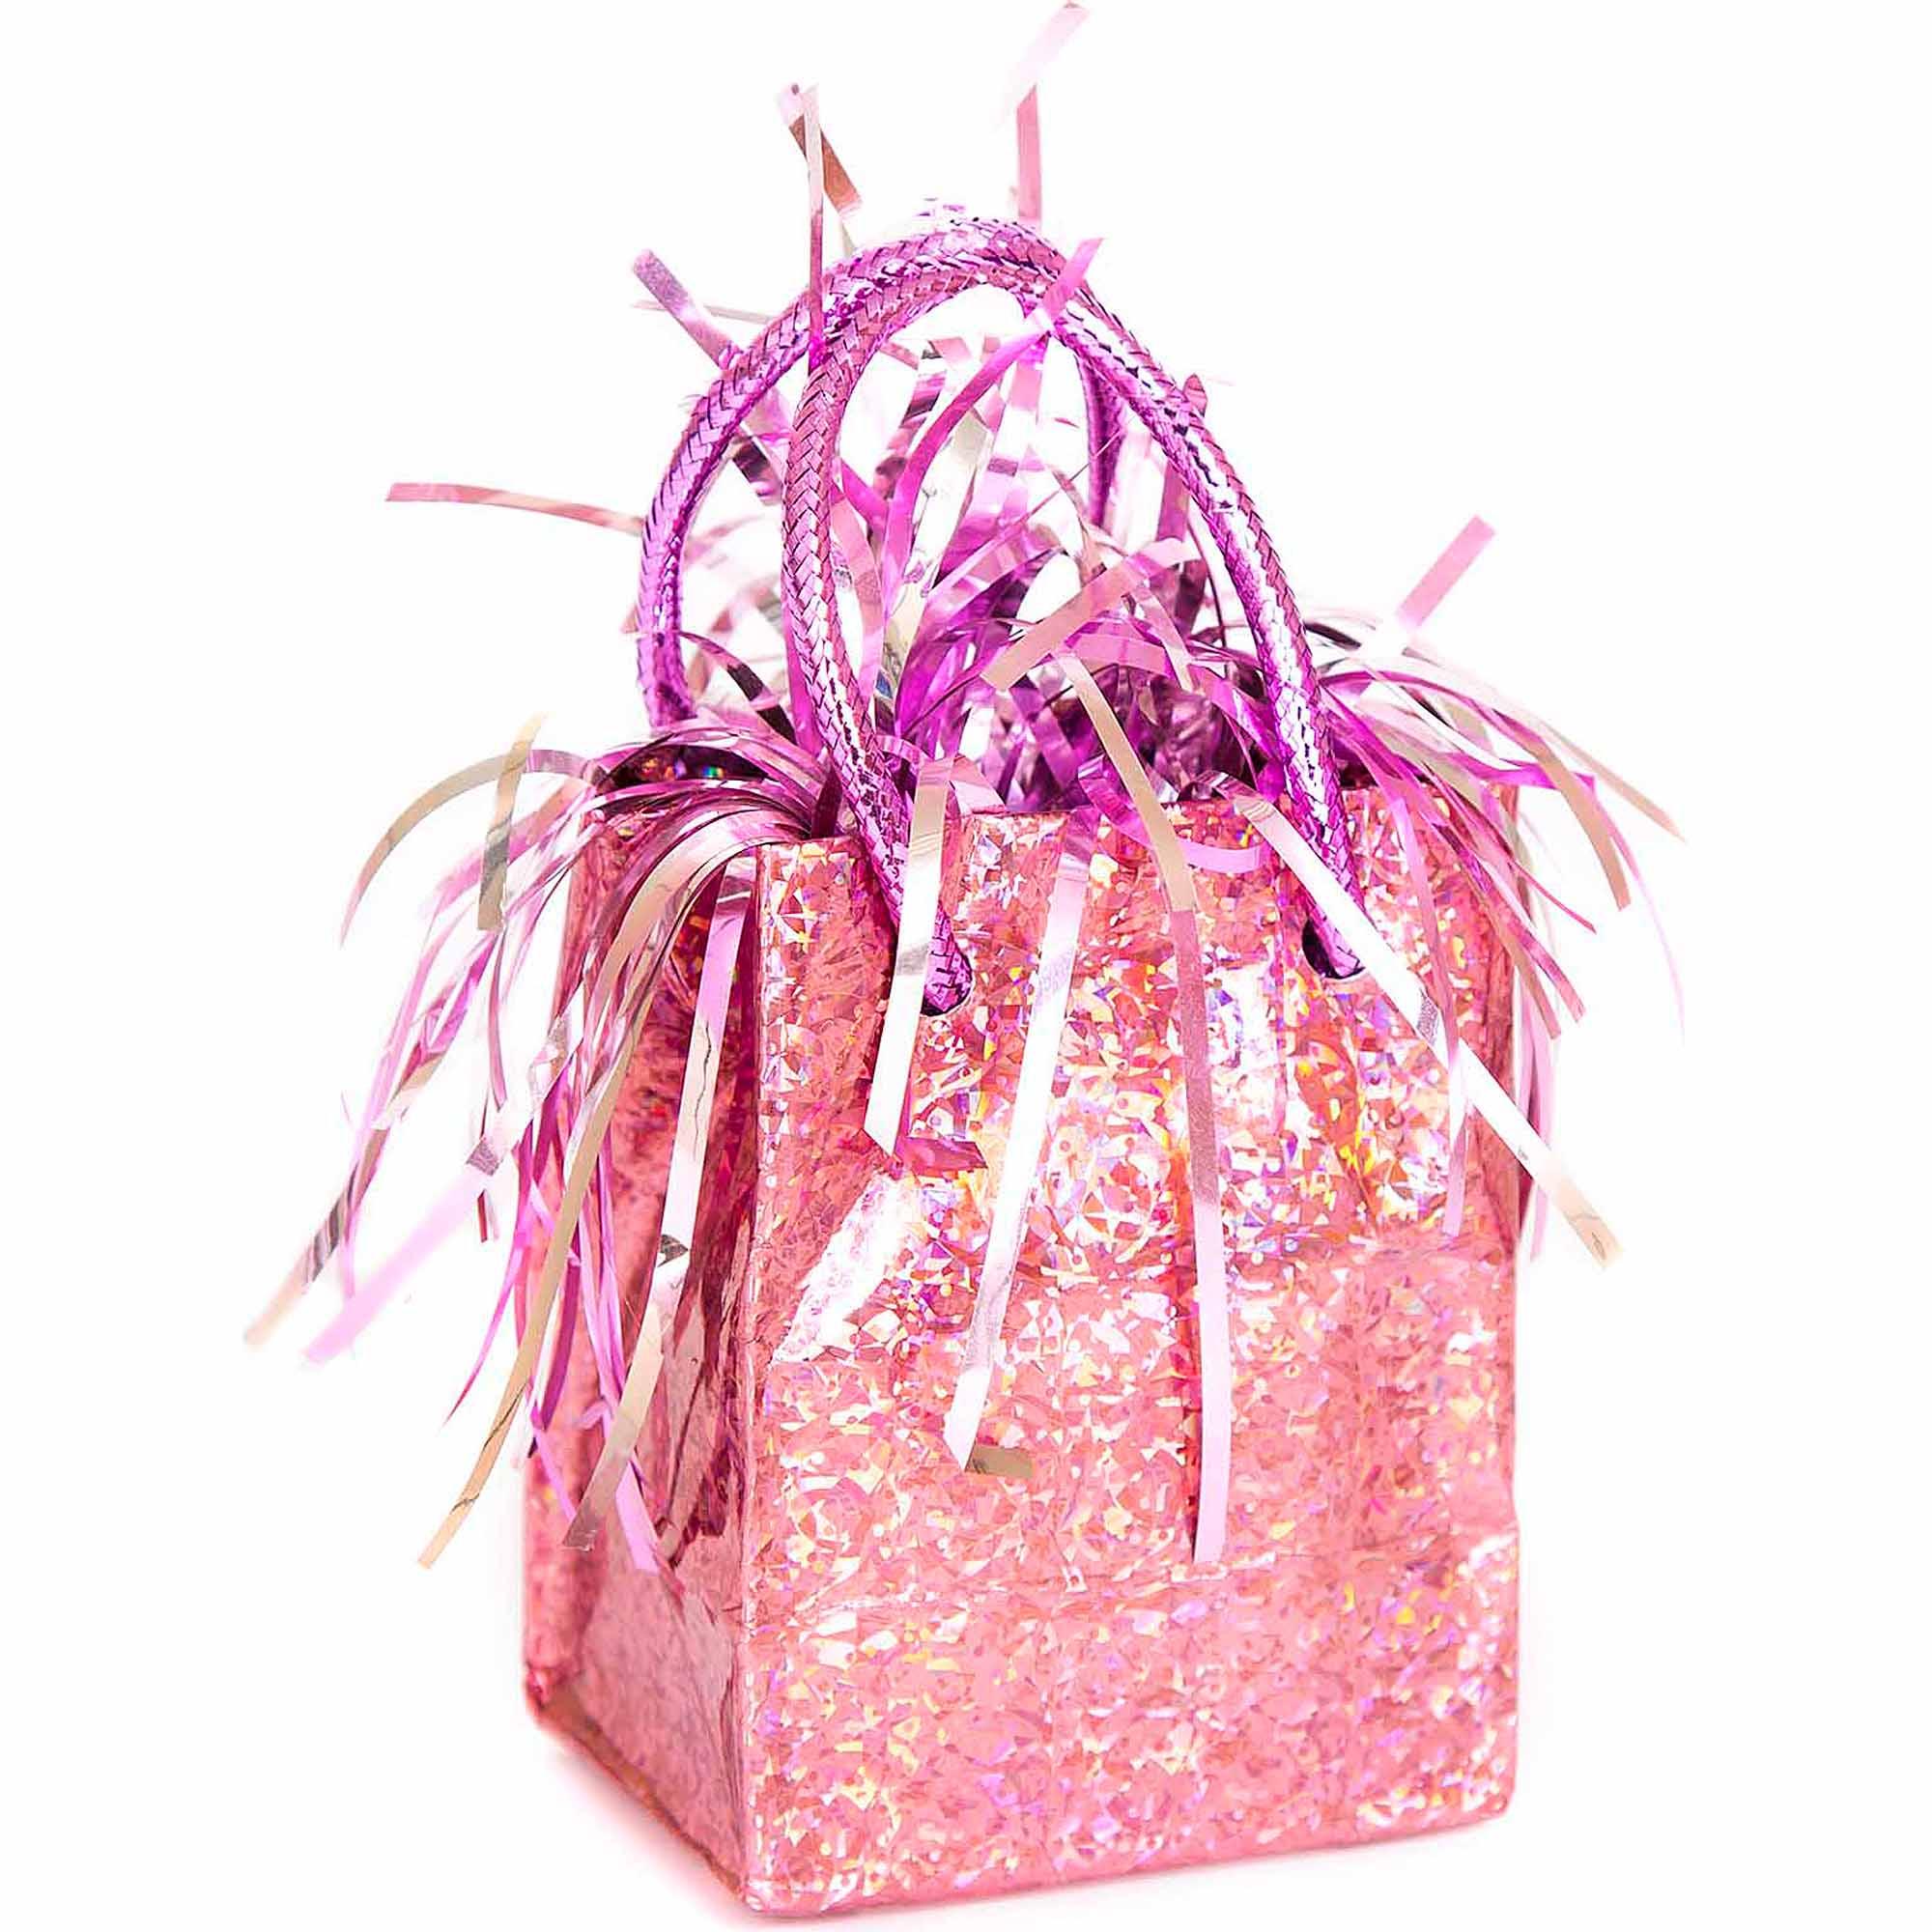 Mini Pastel Pink Prism Gift Bag Balloon Weight